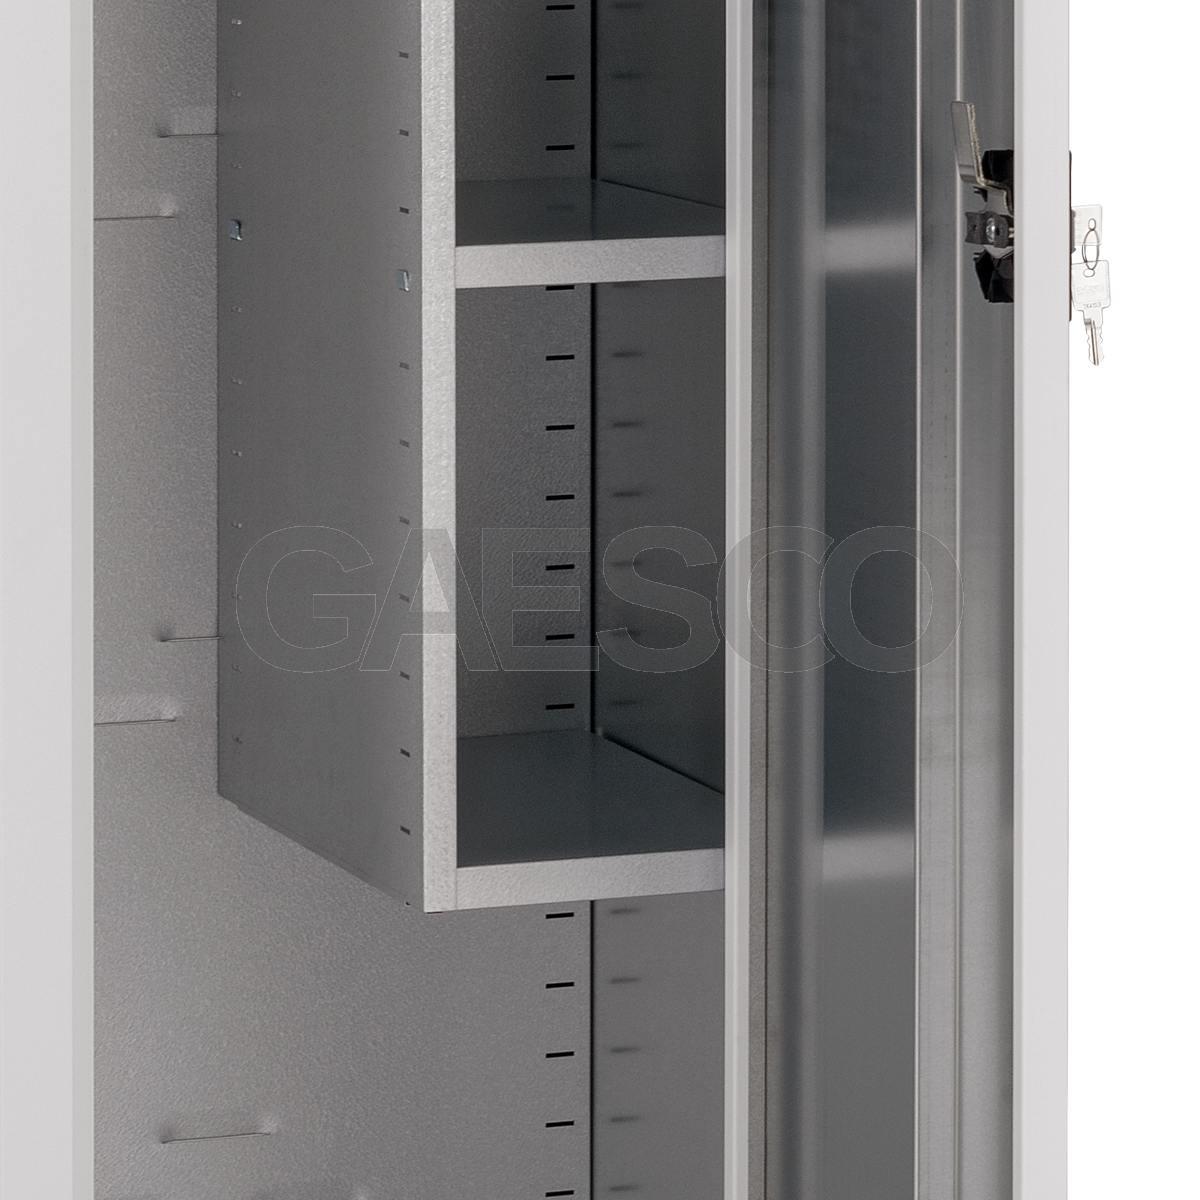 Armadio Portascope Zincoplastificato ad ante battenti - Dim. 45x50x200H cm.